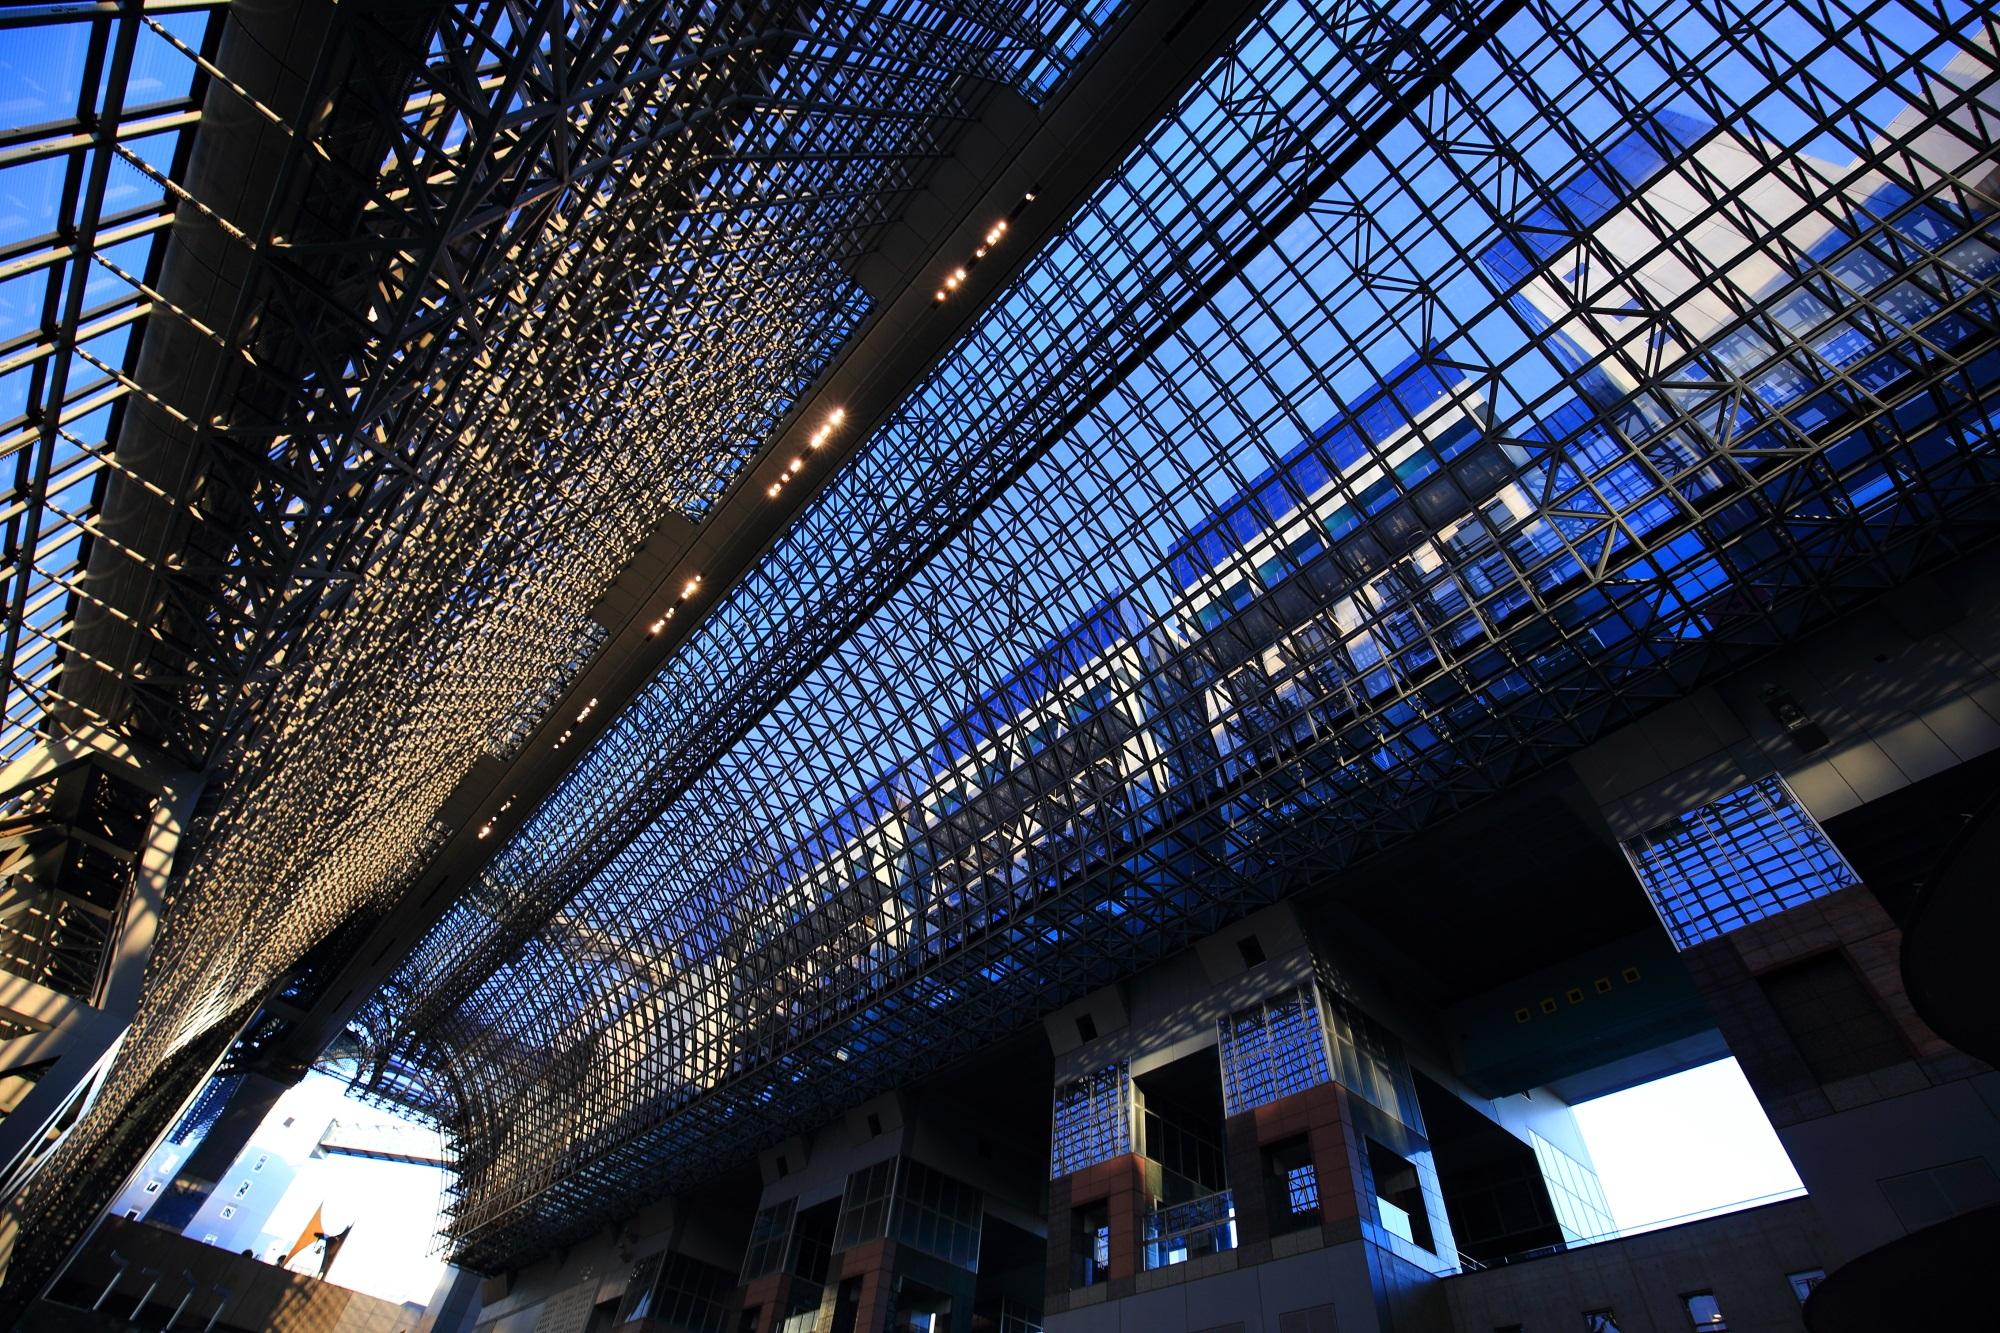 駅ビルの中から眺めた青空とガラス